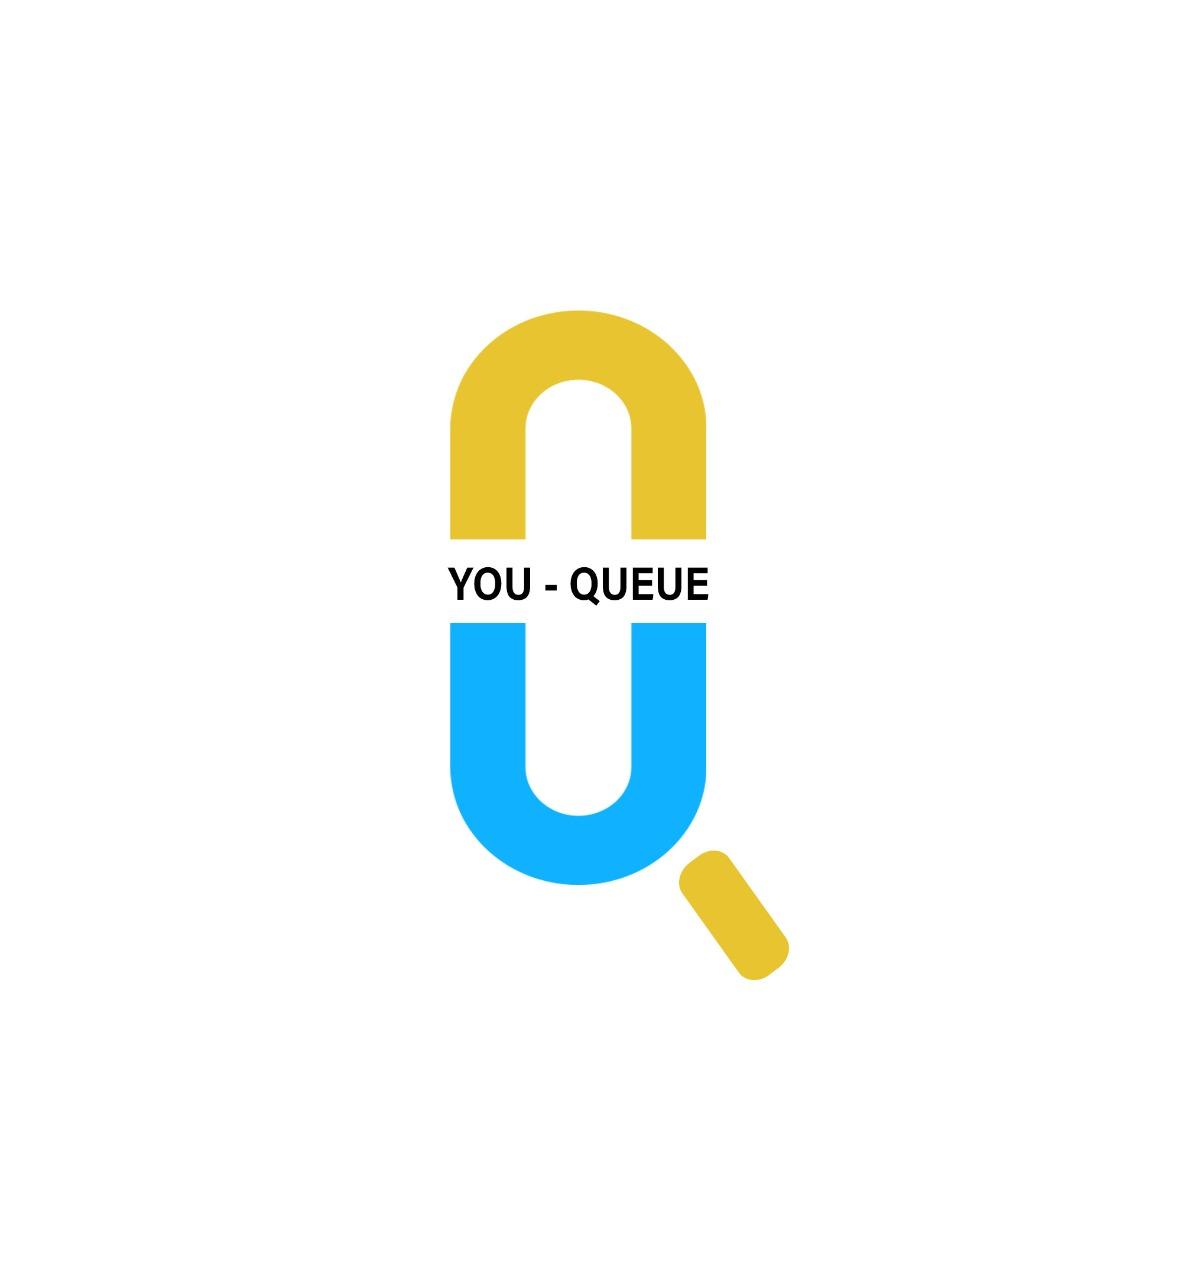 You Queue